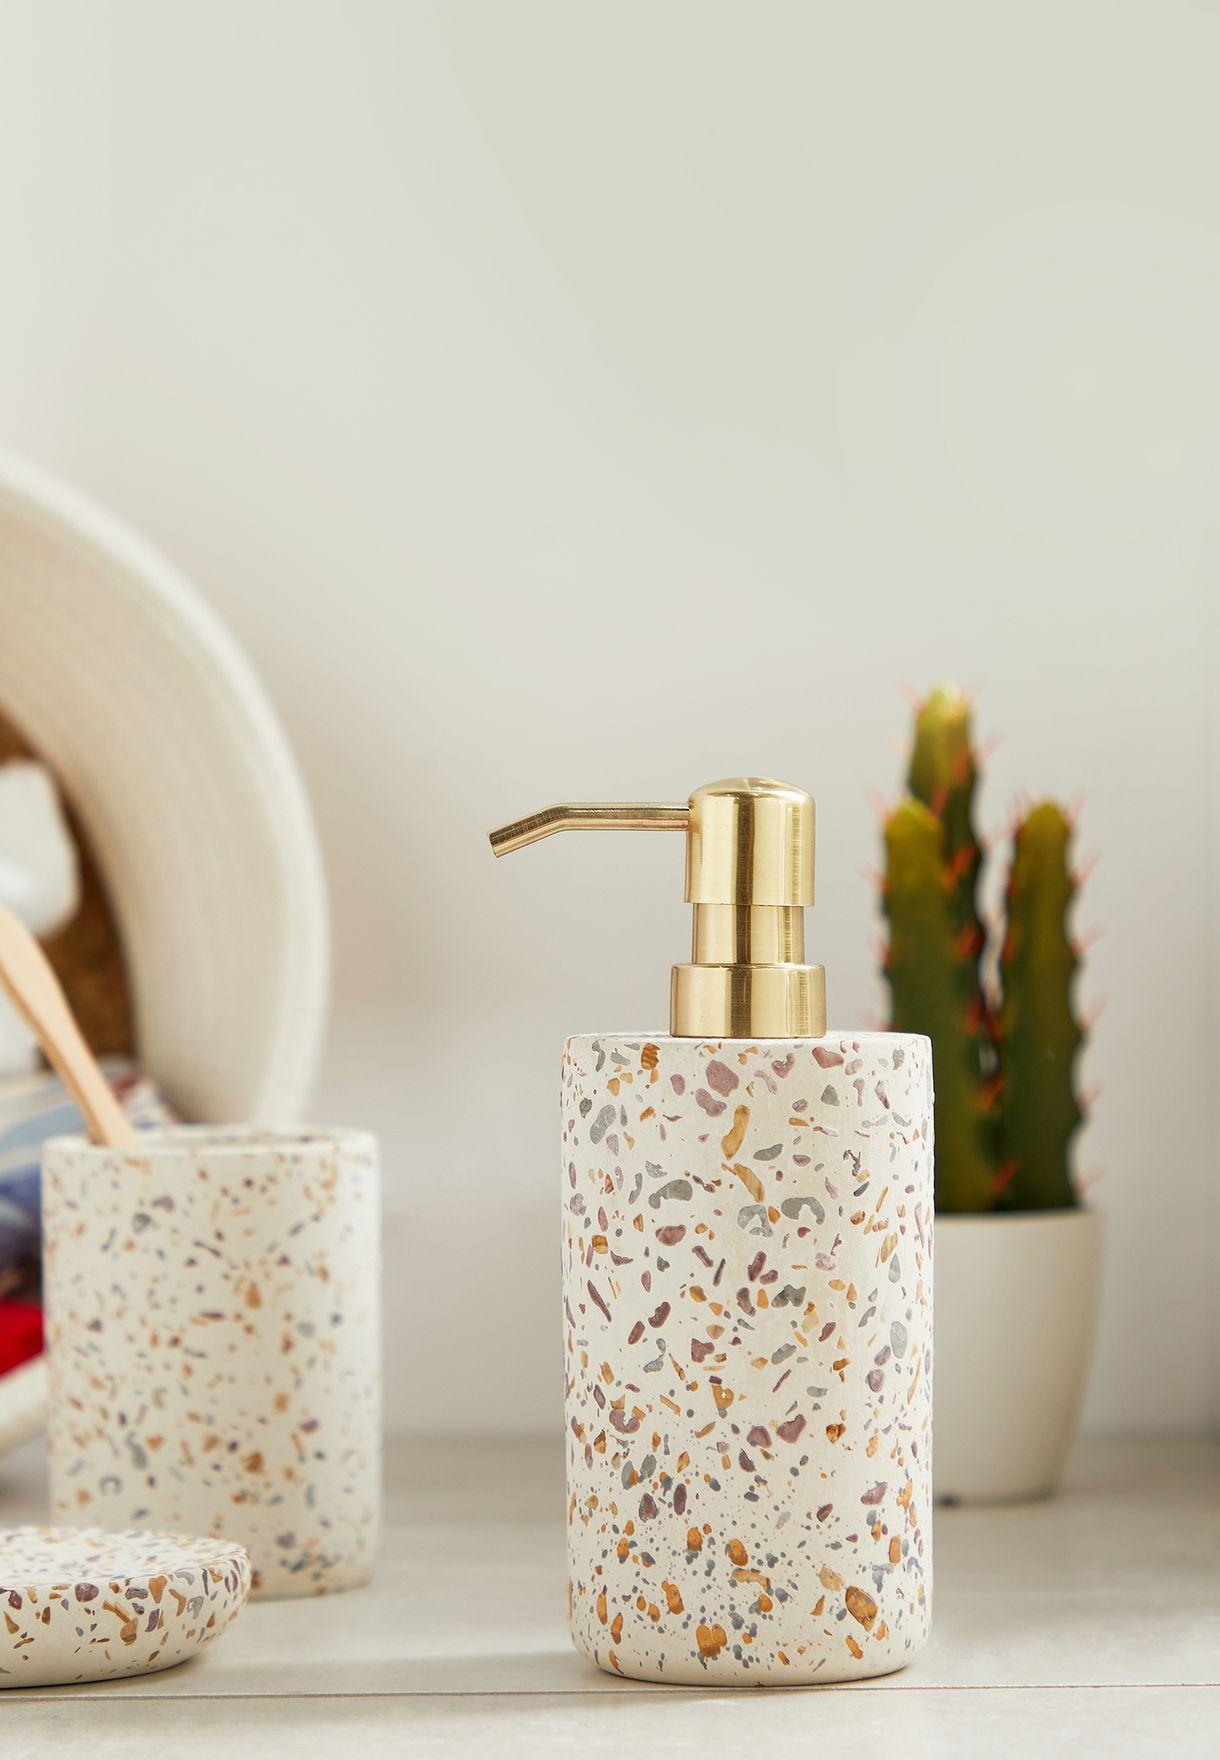 Gozo Concrete Lotion Hand Wash Dispenser 7.7x 18cm